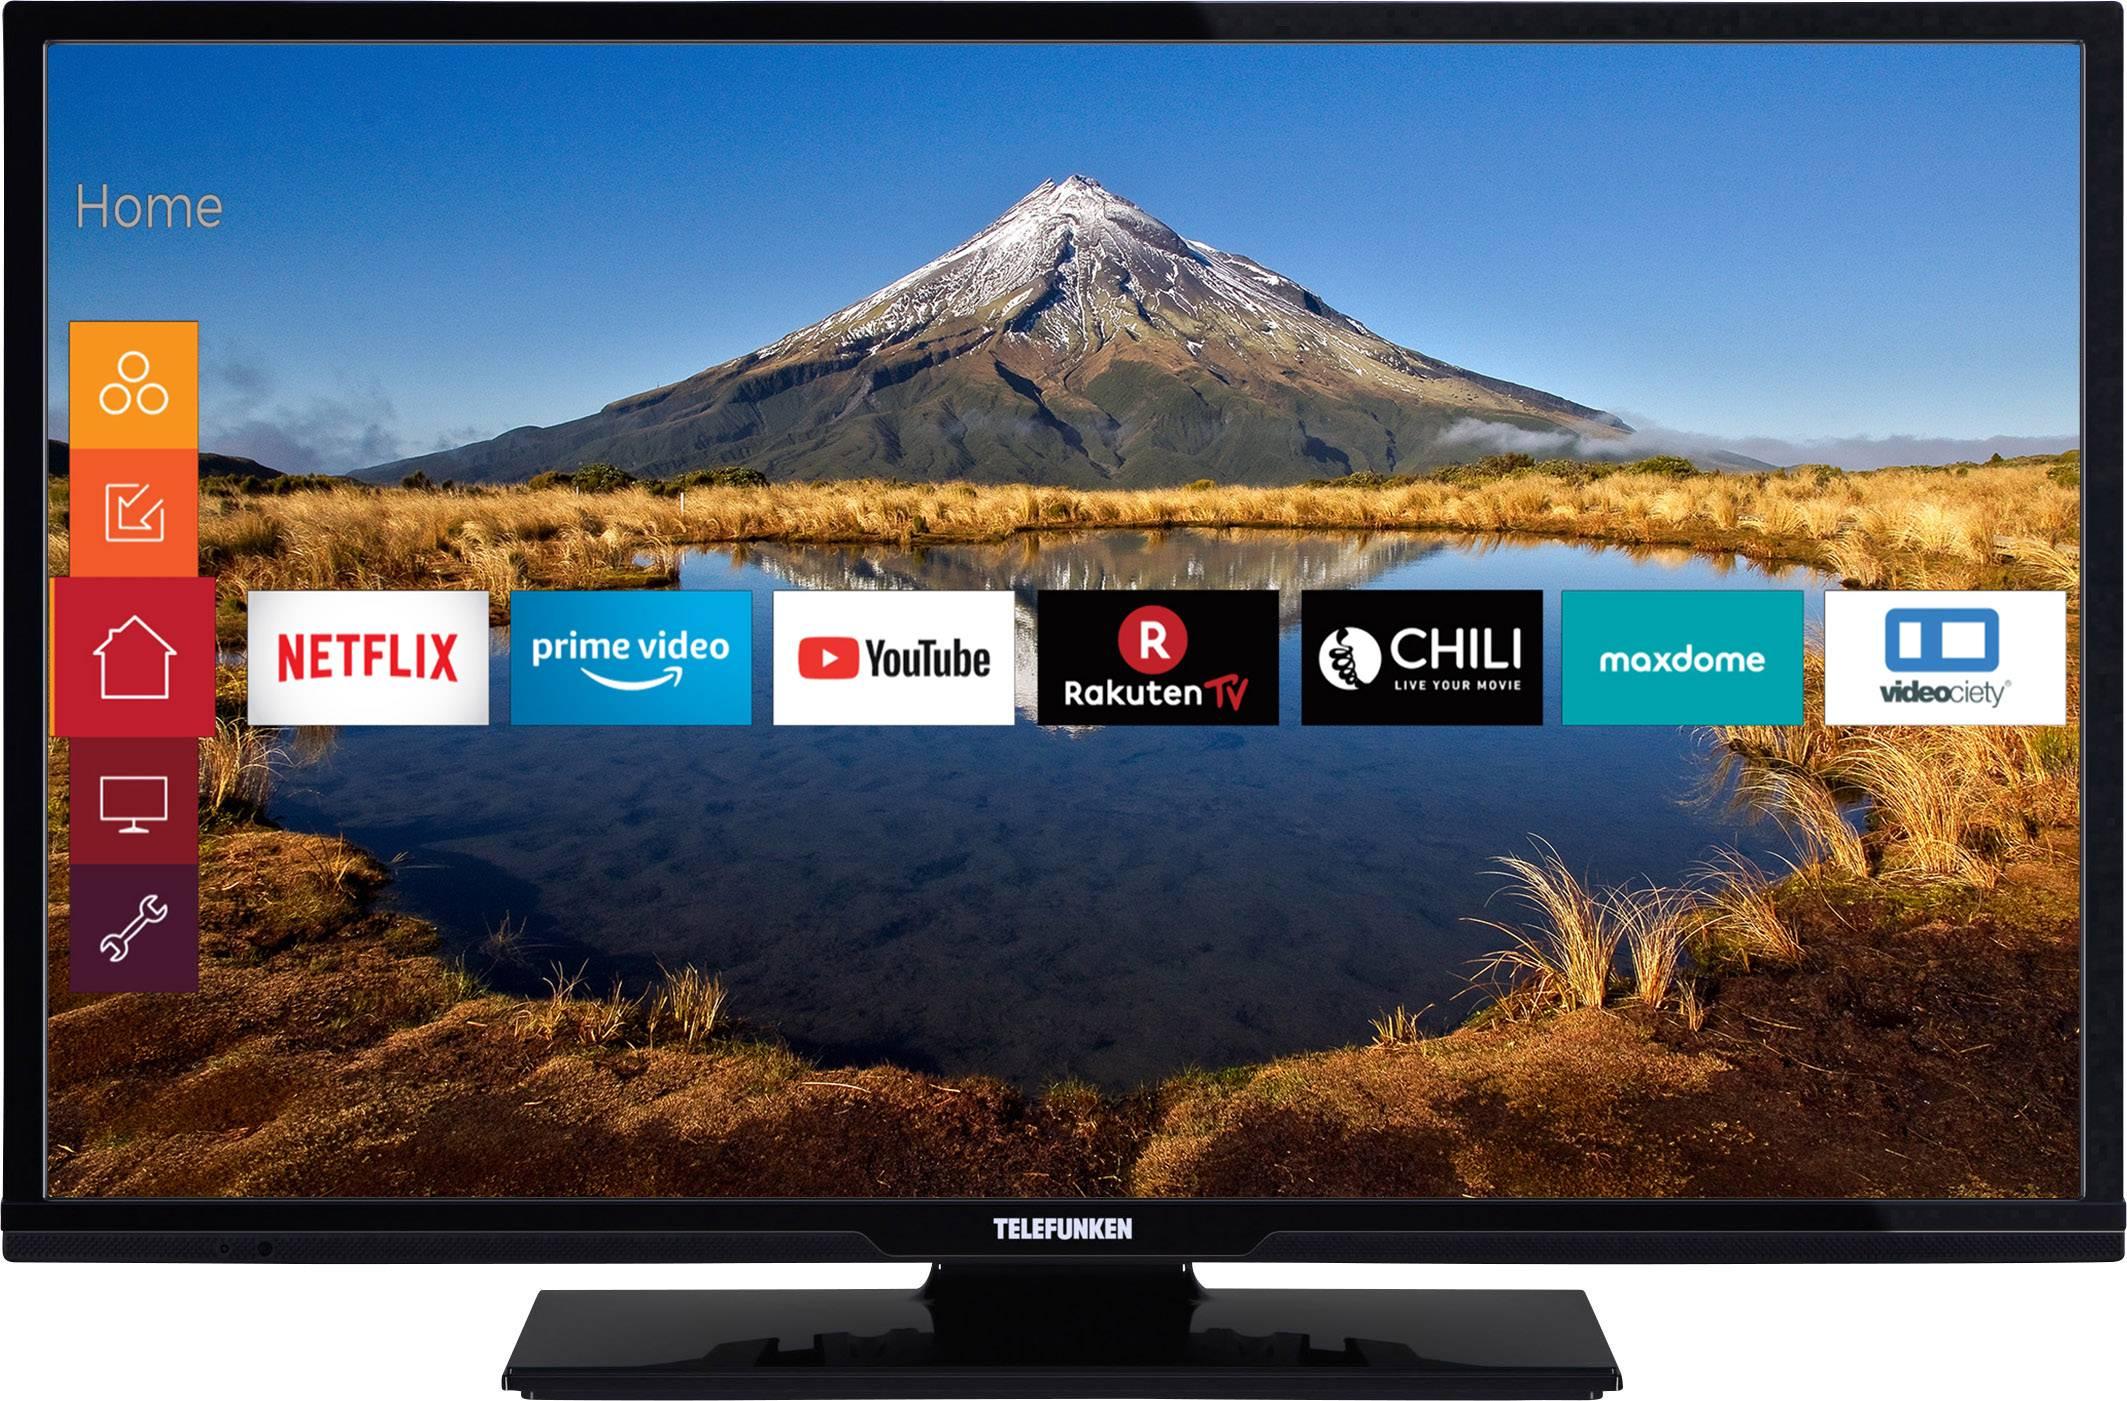 Telefunken C32F545A LED TV 81 cm 32